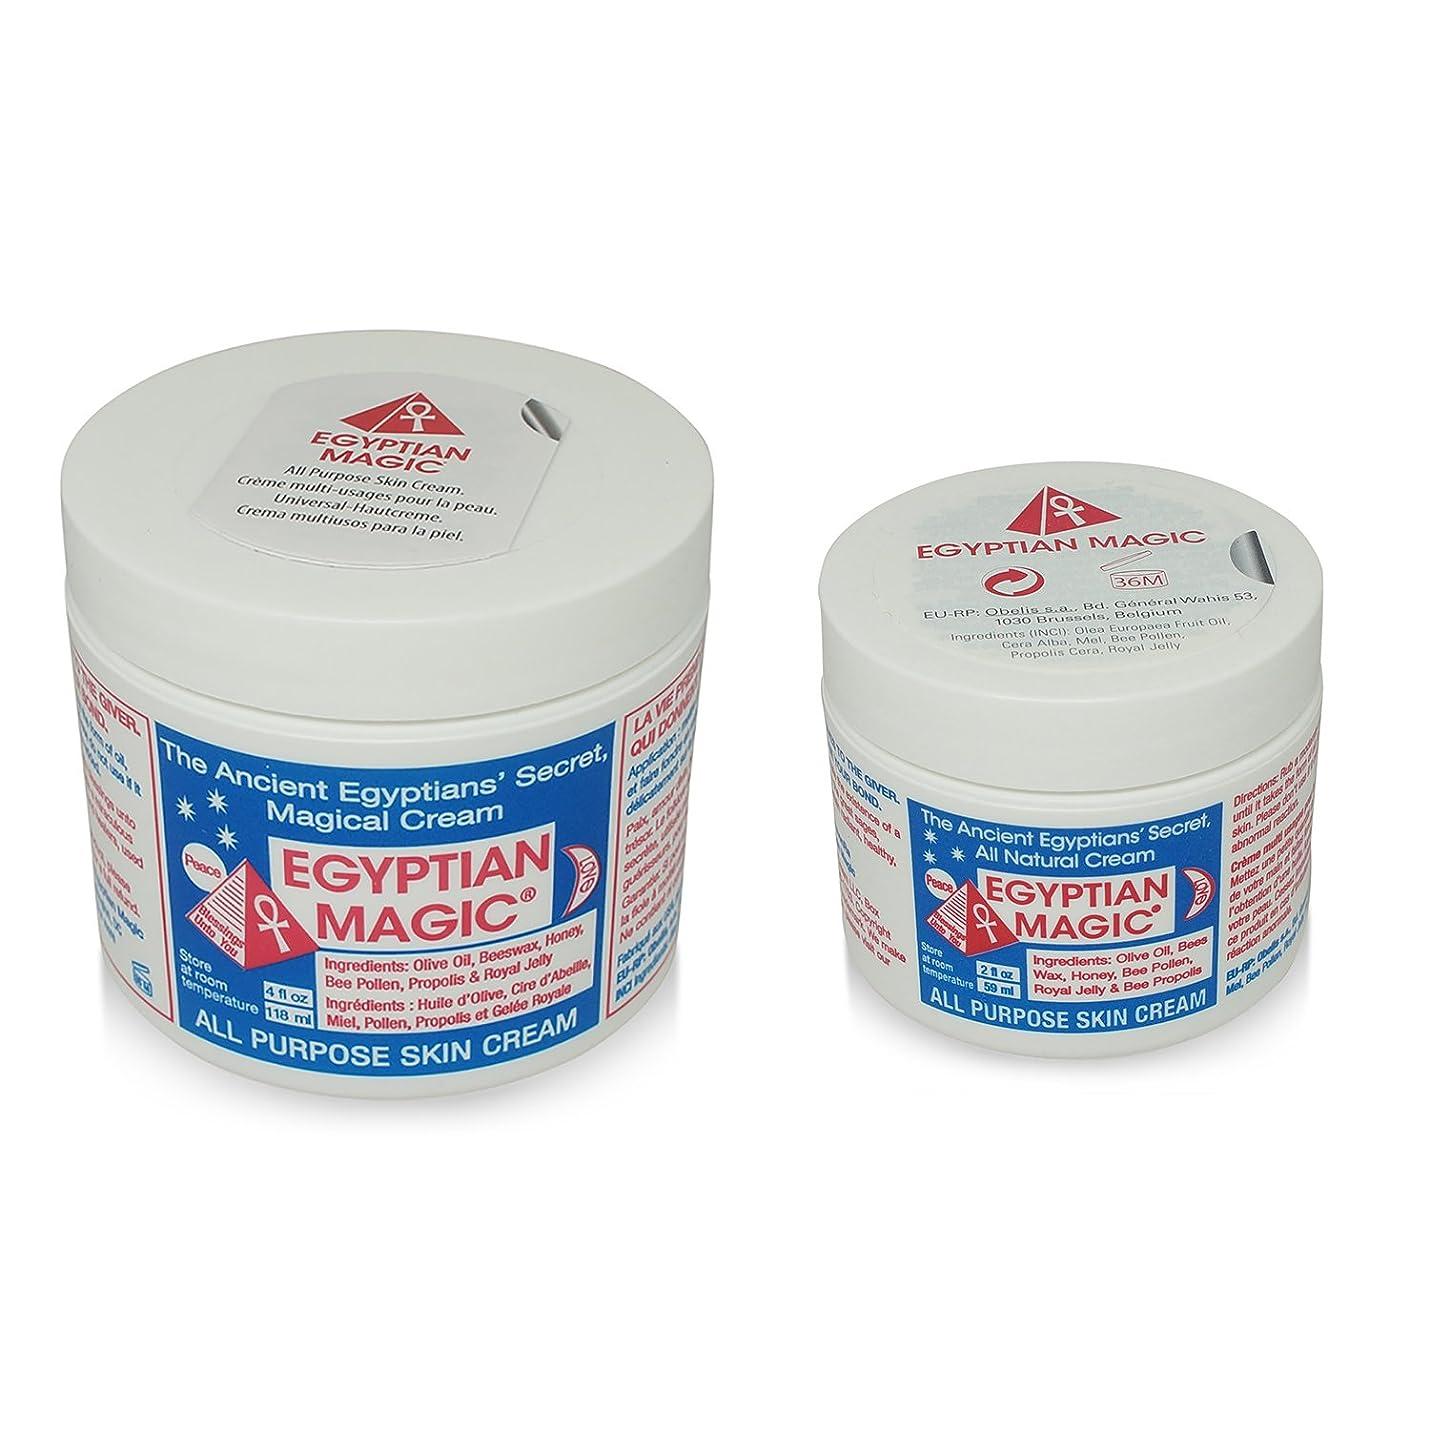 困難不正直苦行Egyptian Magic Skin Cream エジプシャンマジッククリーム  (118ml)と(59ml)の2個セット